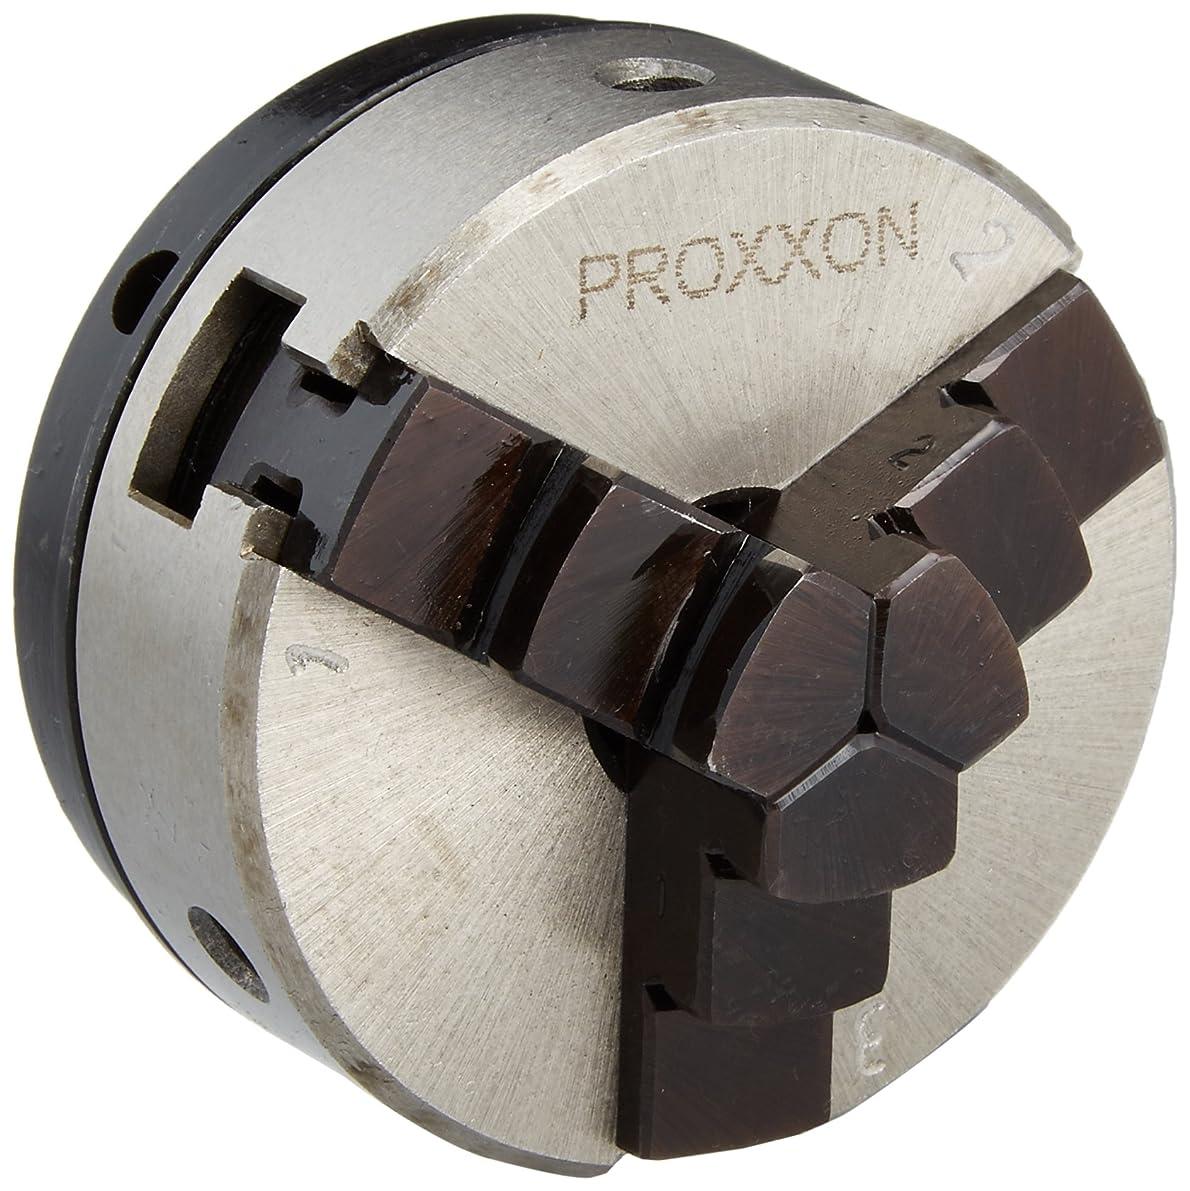 ぎこちない雨のオーブンプロクソン(PROXXON) 三爪ユニバーサルチャック ウッドレースDX専用 No.27026